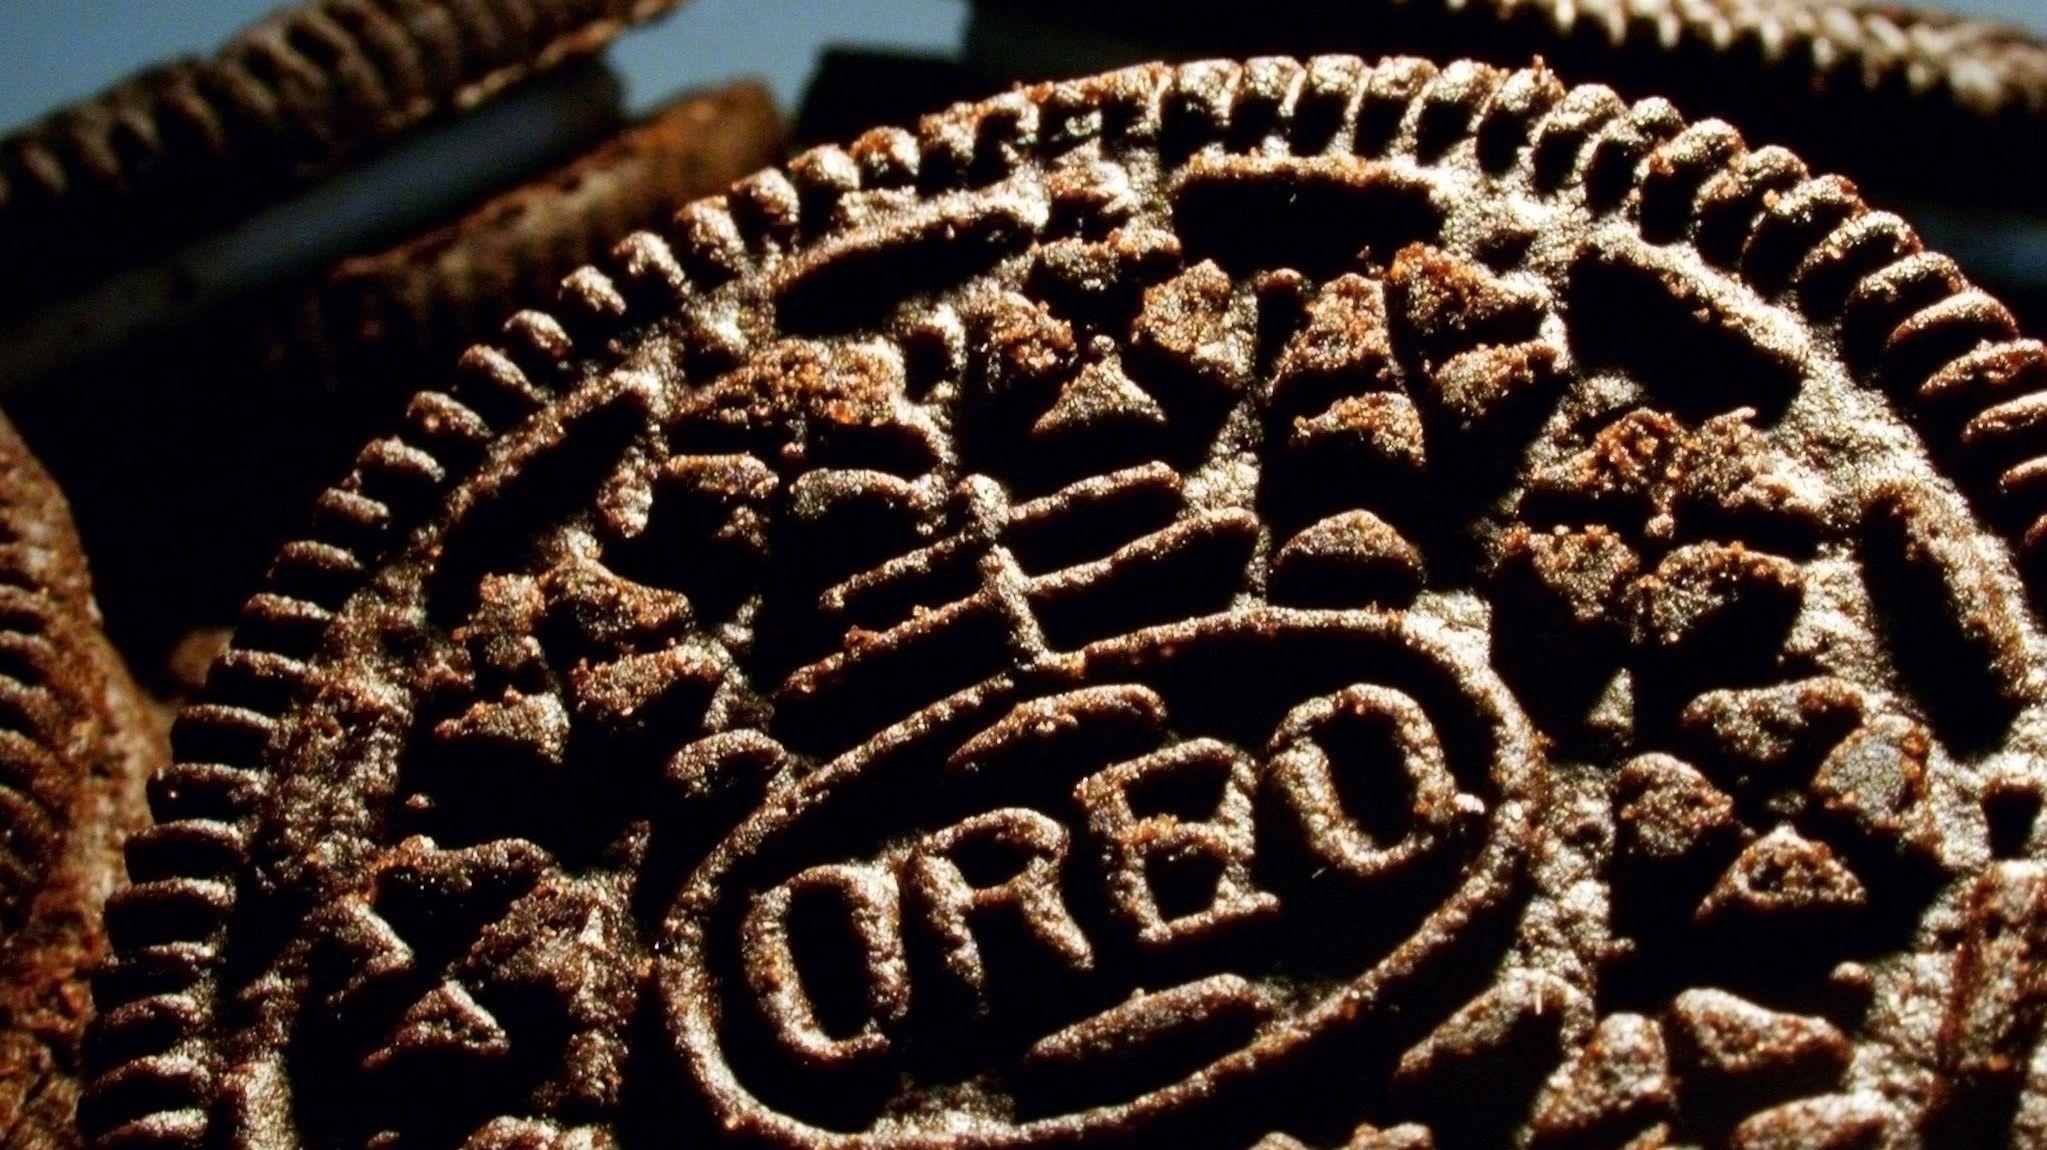 Ein Stapel von Oreo-Keksen